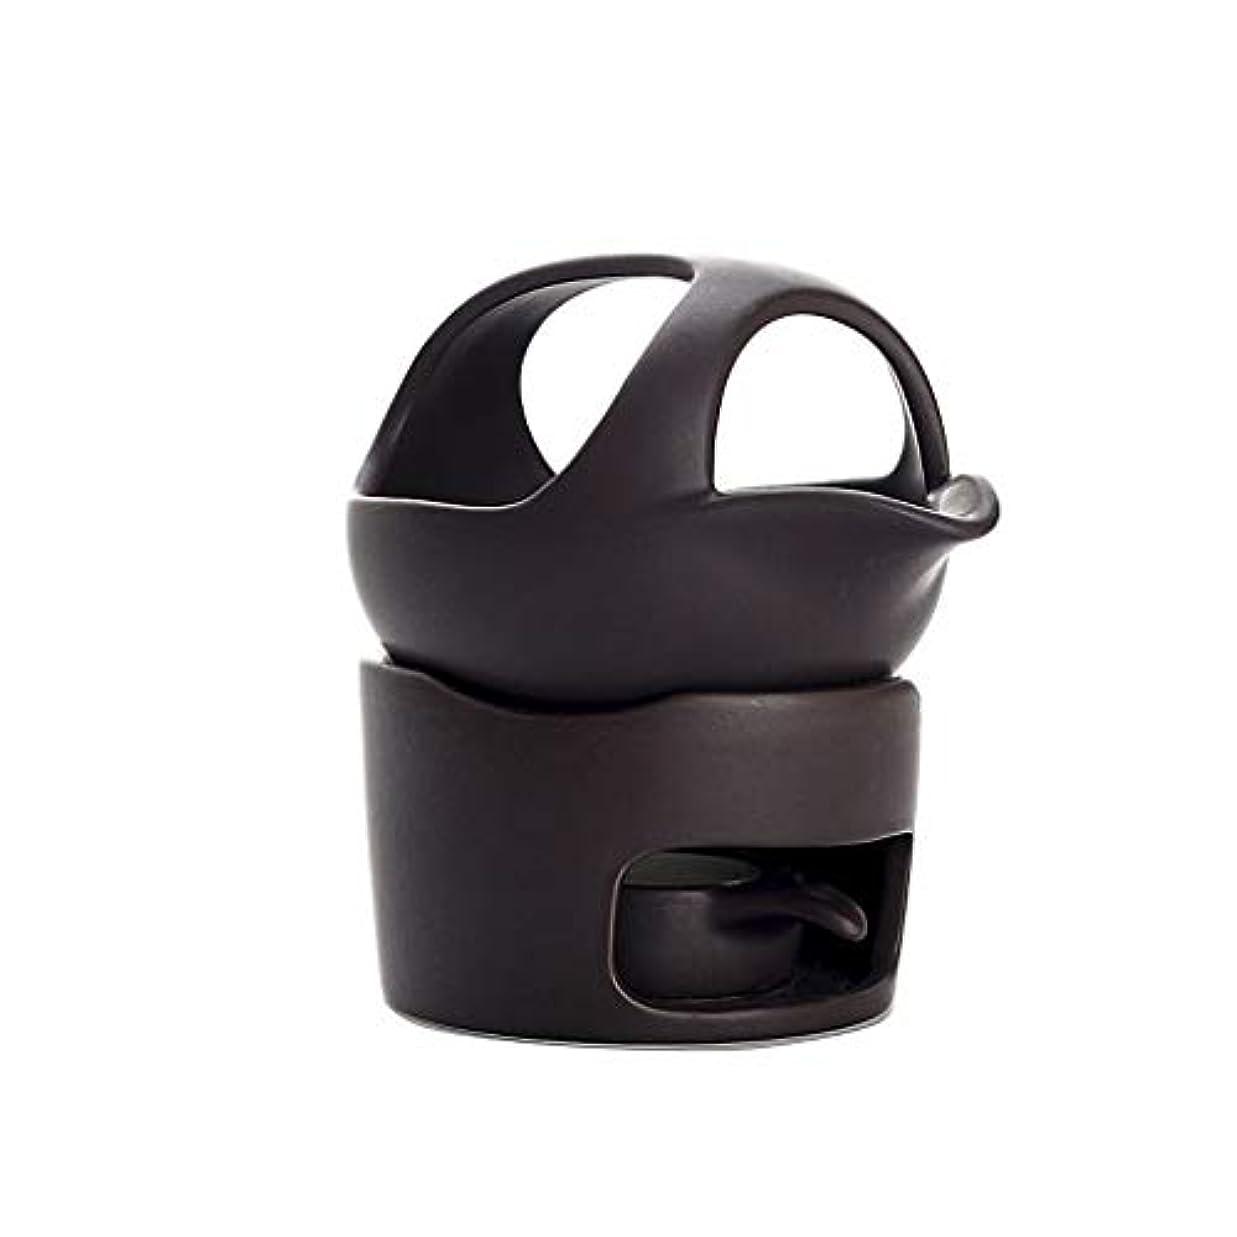 未就学拍手新着ホームアロマバーナー セラミックお香バーナースモークティーストーブウェイクアップお茶お香バーナー陶器お茶セットアクセサリーお香ホルダー アロマバーナー (Color : Black, サイズ : 12.5cm)